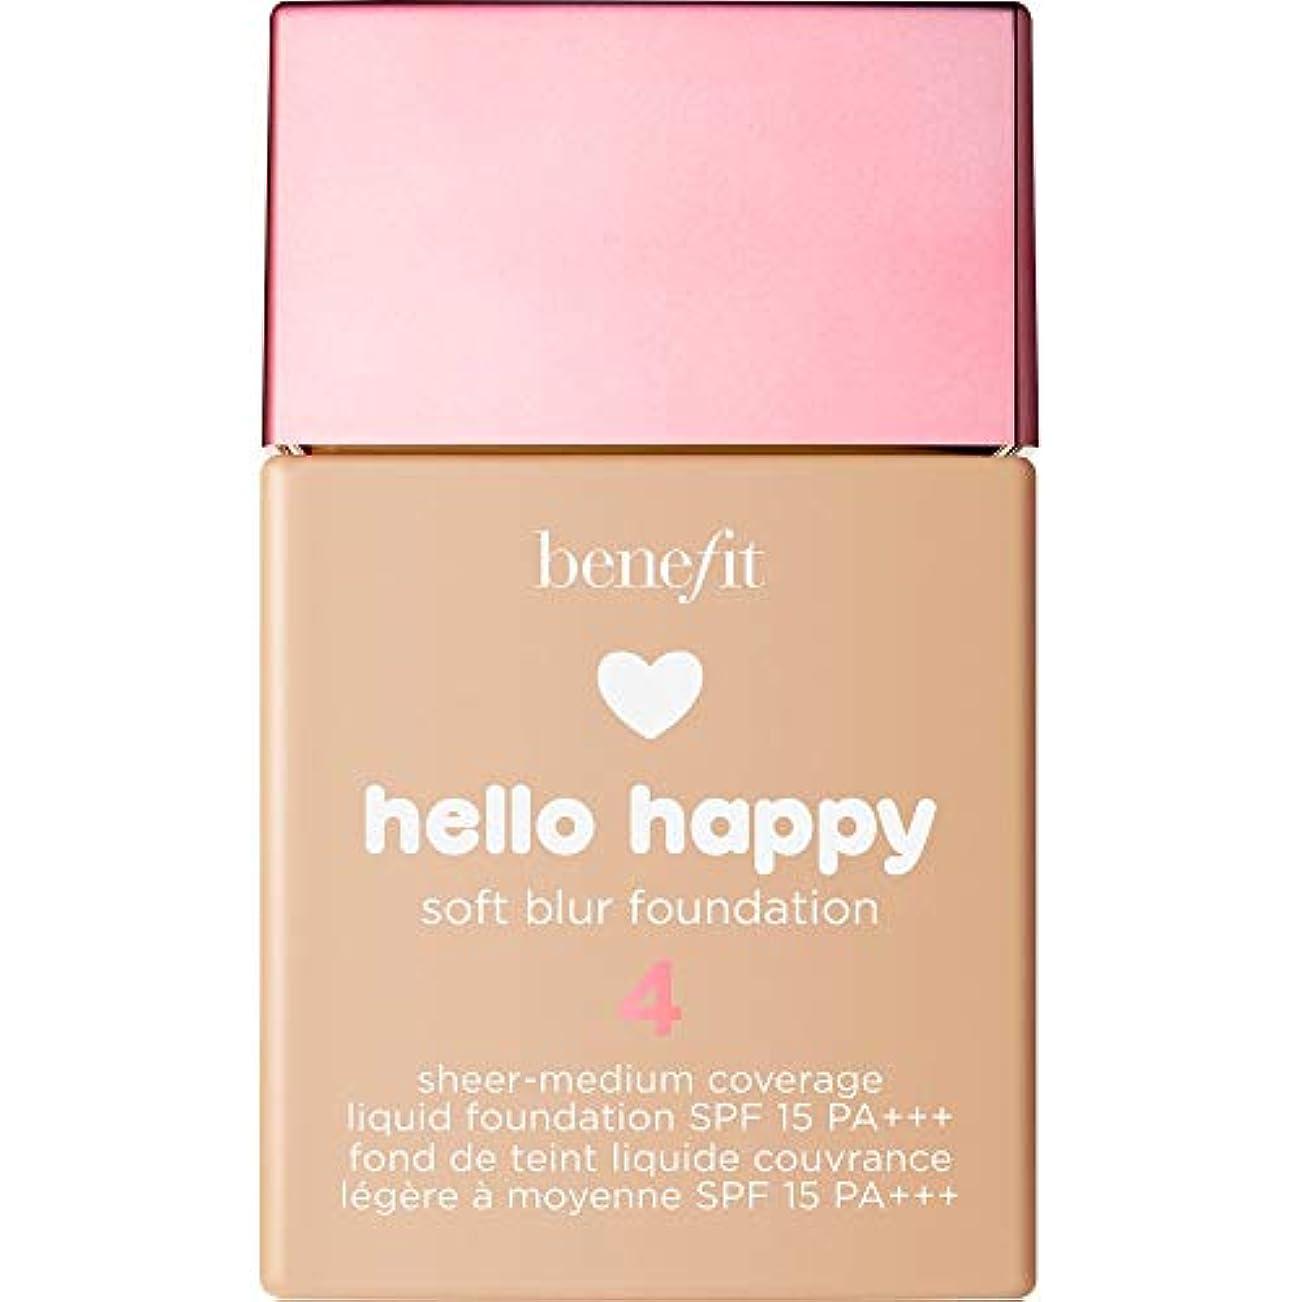 惑星メイエラ印刷する[Benefit] 利点は、ハロー幸せソフトブラー基礎Spf15 30ミリリットル4 - メディアニュートラル - Benefit Hello Happy Soft Blur Foundation SPF15 30ml...